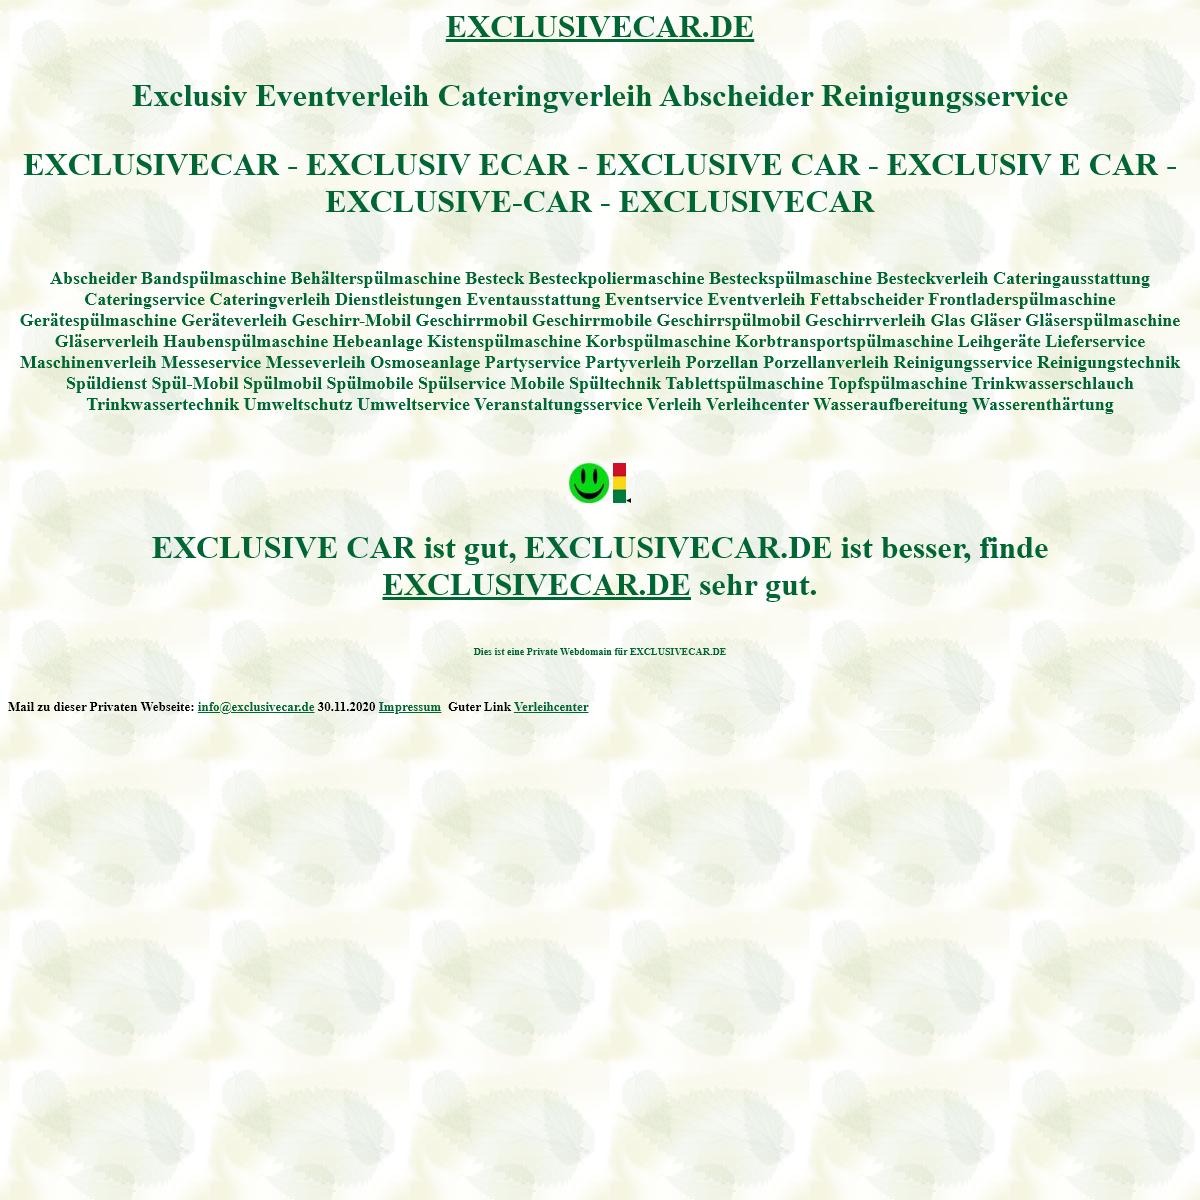 exclusivecar Exclusiv Eventverleih Cateringverleih Abscheider Reinigungsservice Spülmobil Verleih Geschirrmobil Mieten